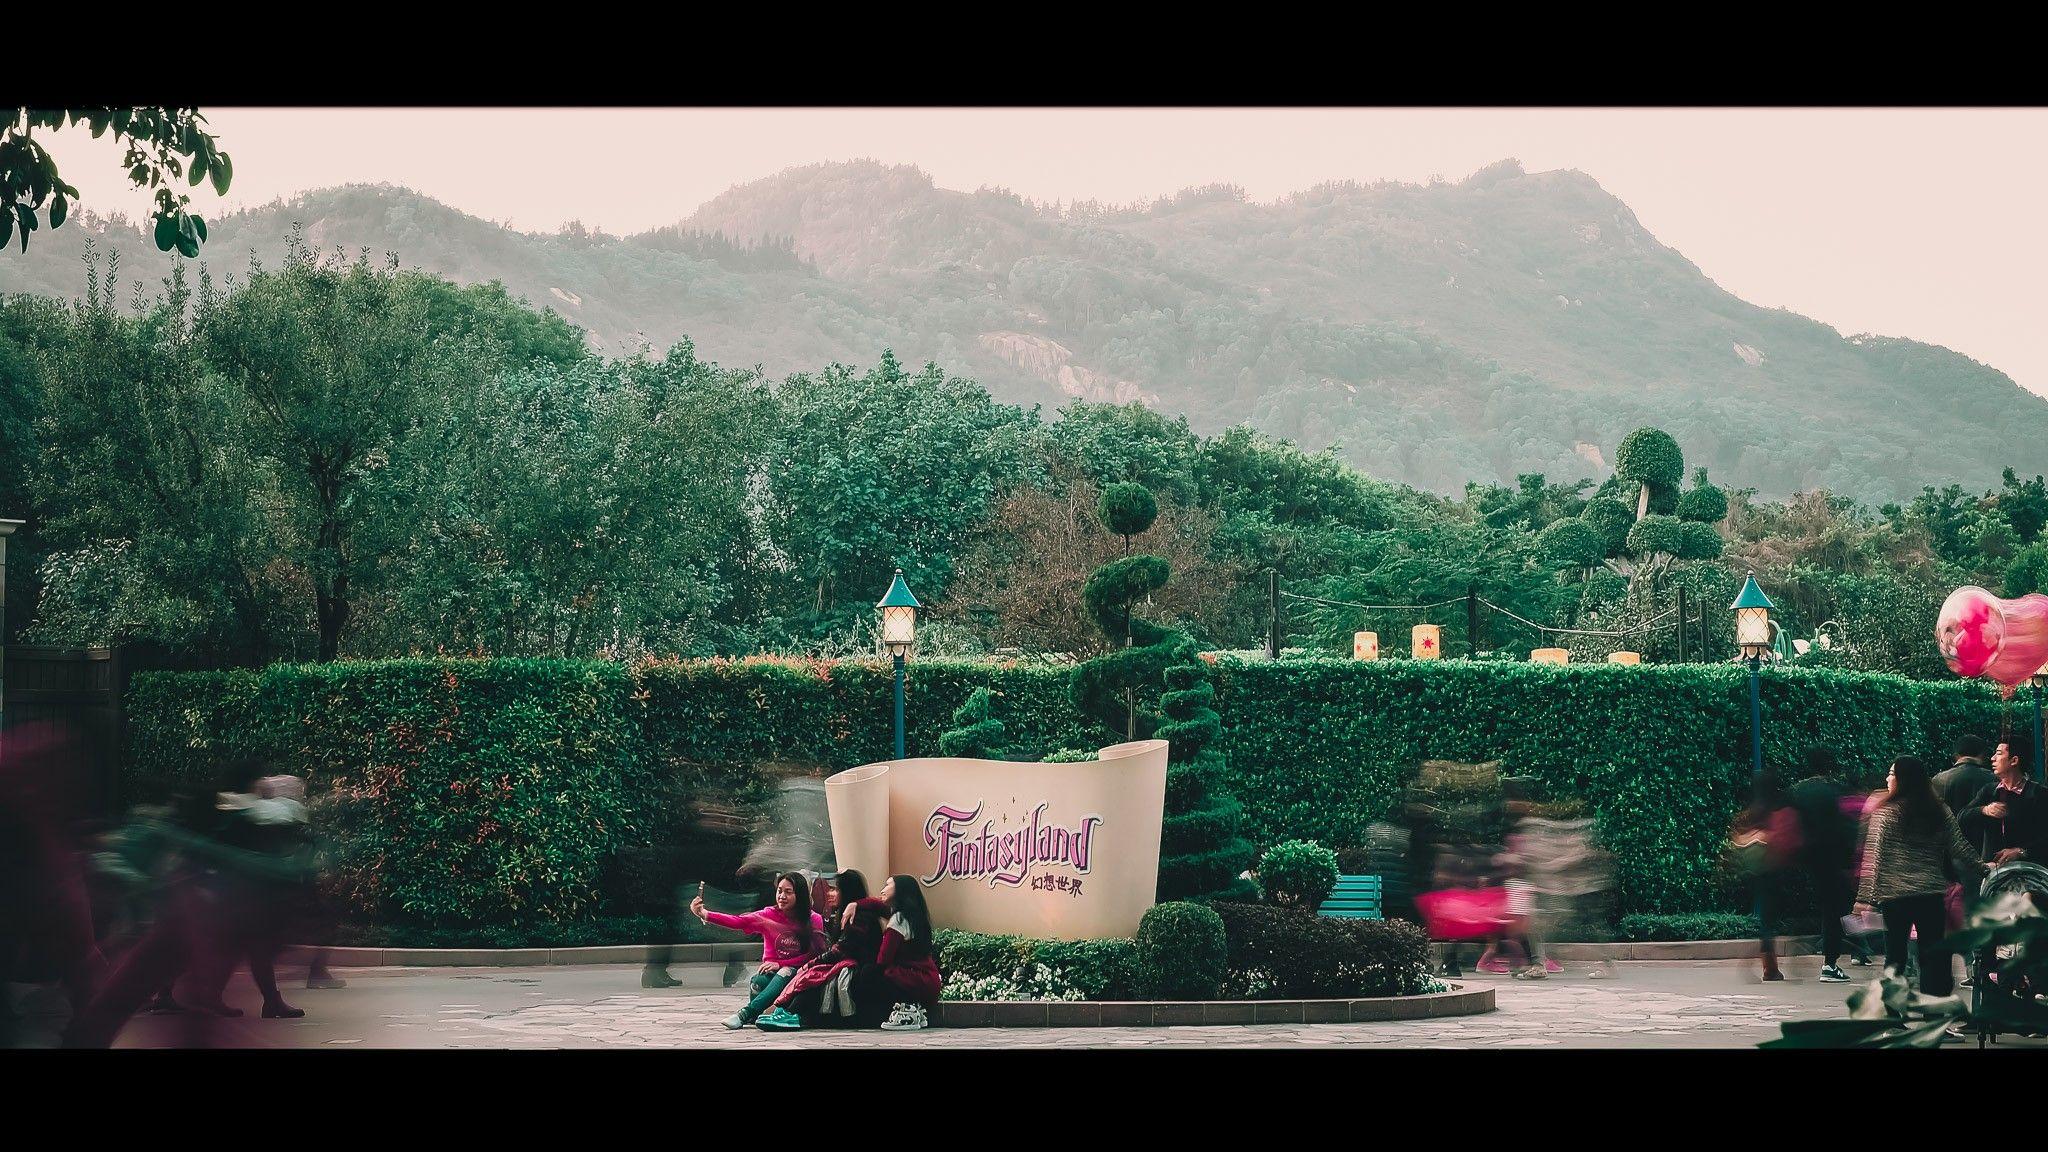 Hong Kong Fantasyland